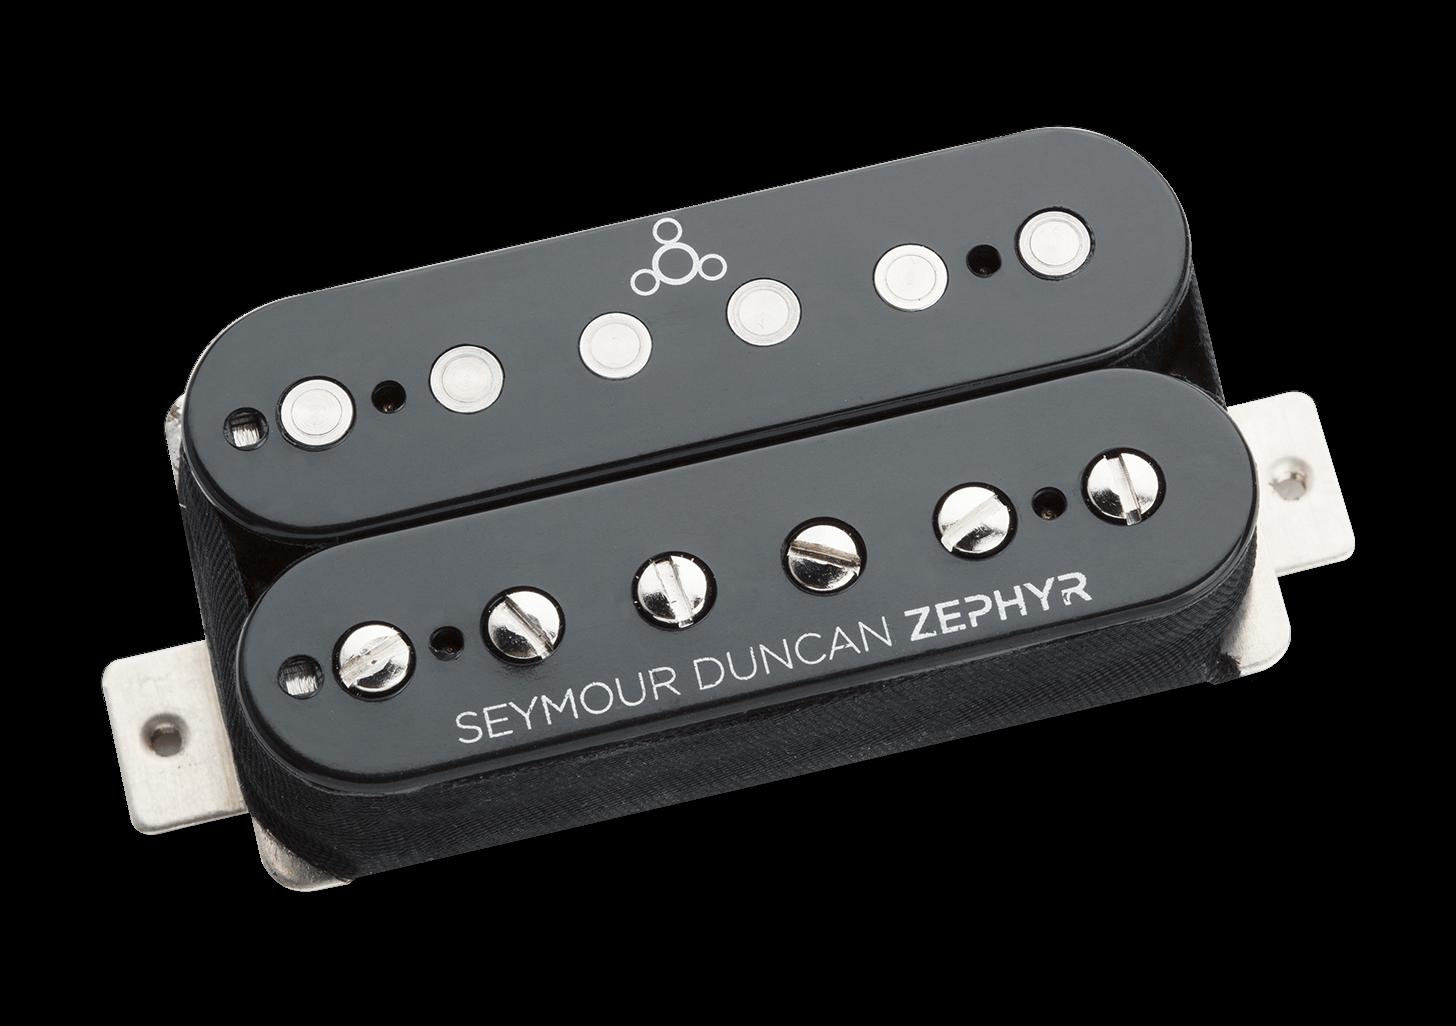 Neu Seymour Duncan Zs-1 Zephyr Silber Humbucker Steg-Pickup Schwarz USA No Box